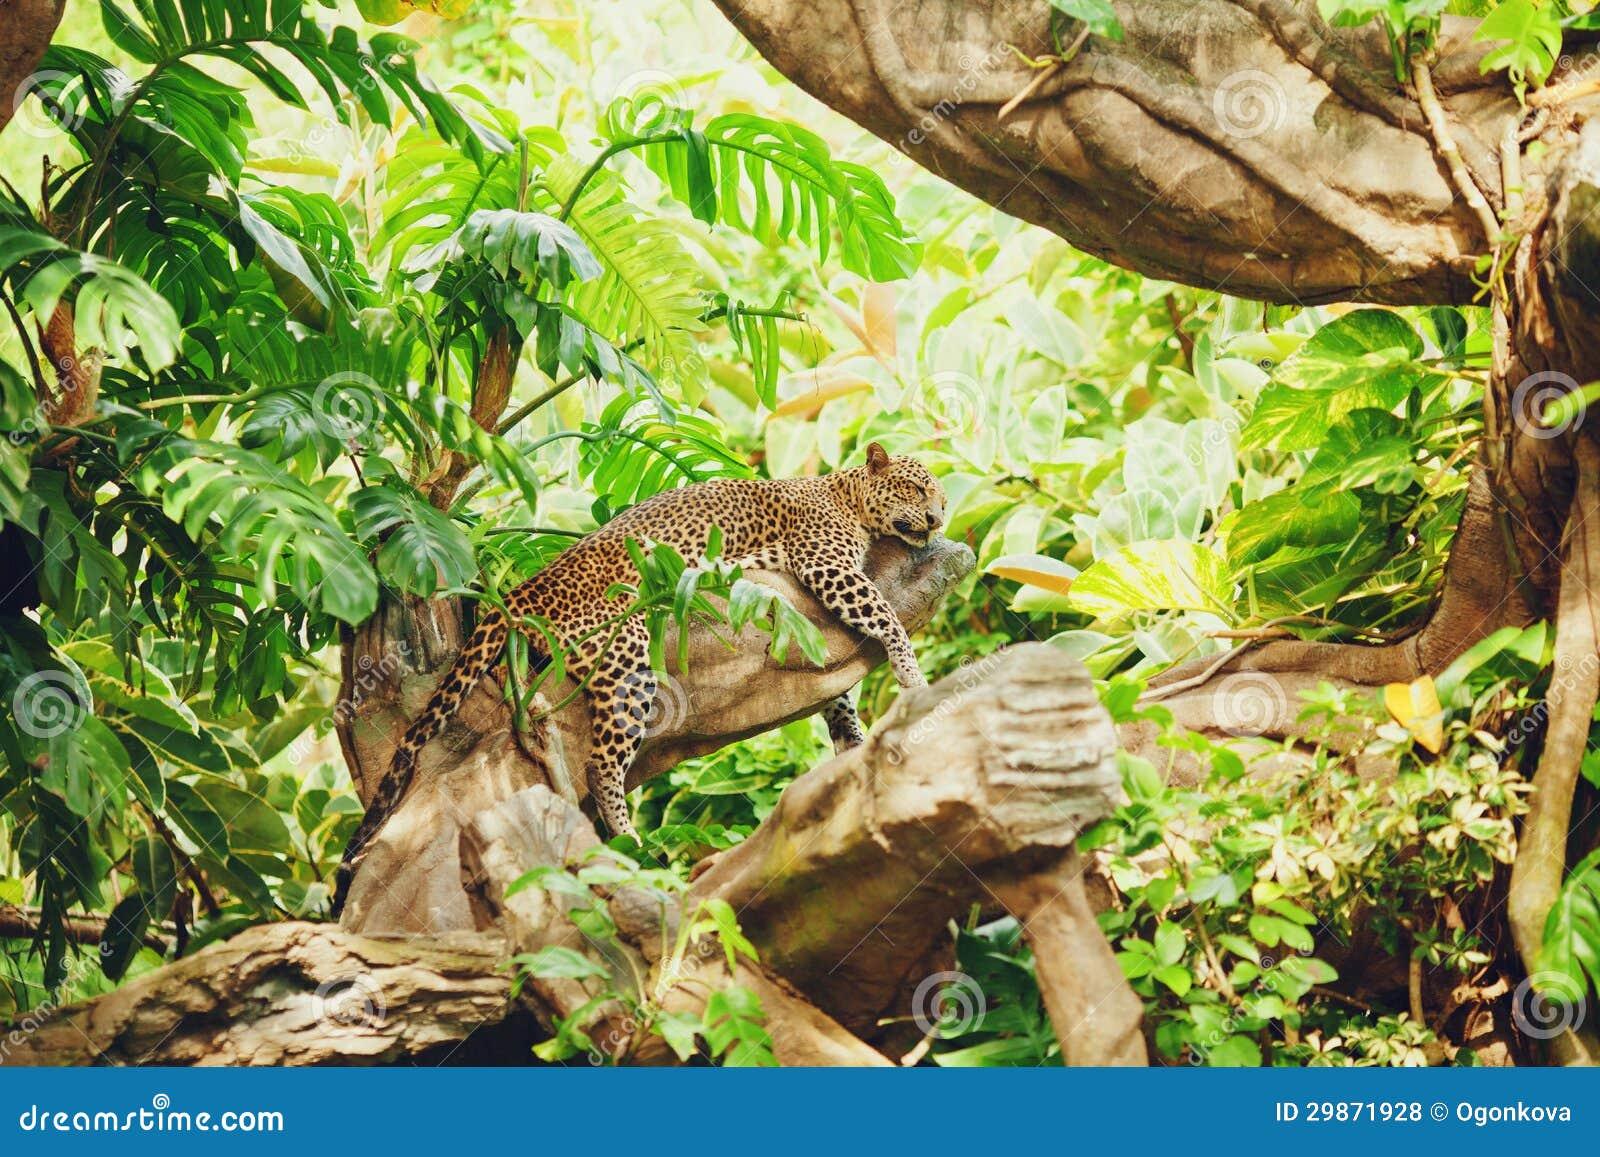 Liegen(schlafender) Leopard auf Baumast